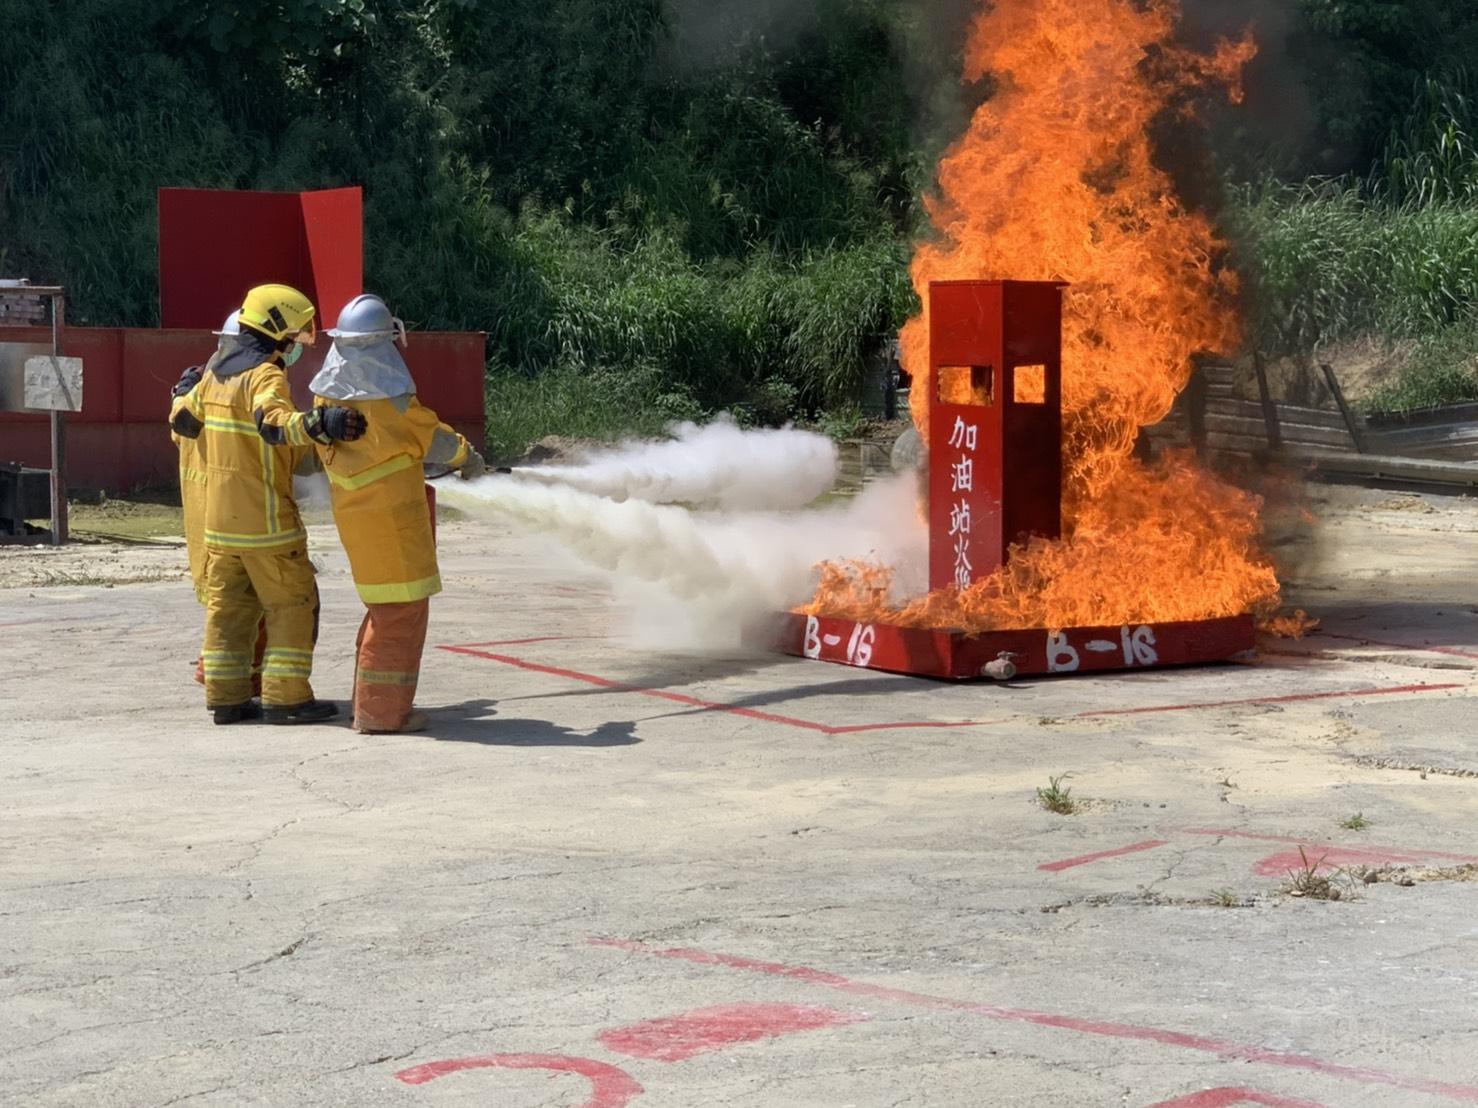 保障高雄市民安全 經發局首辦加油站消防滅火演練